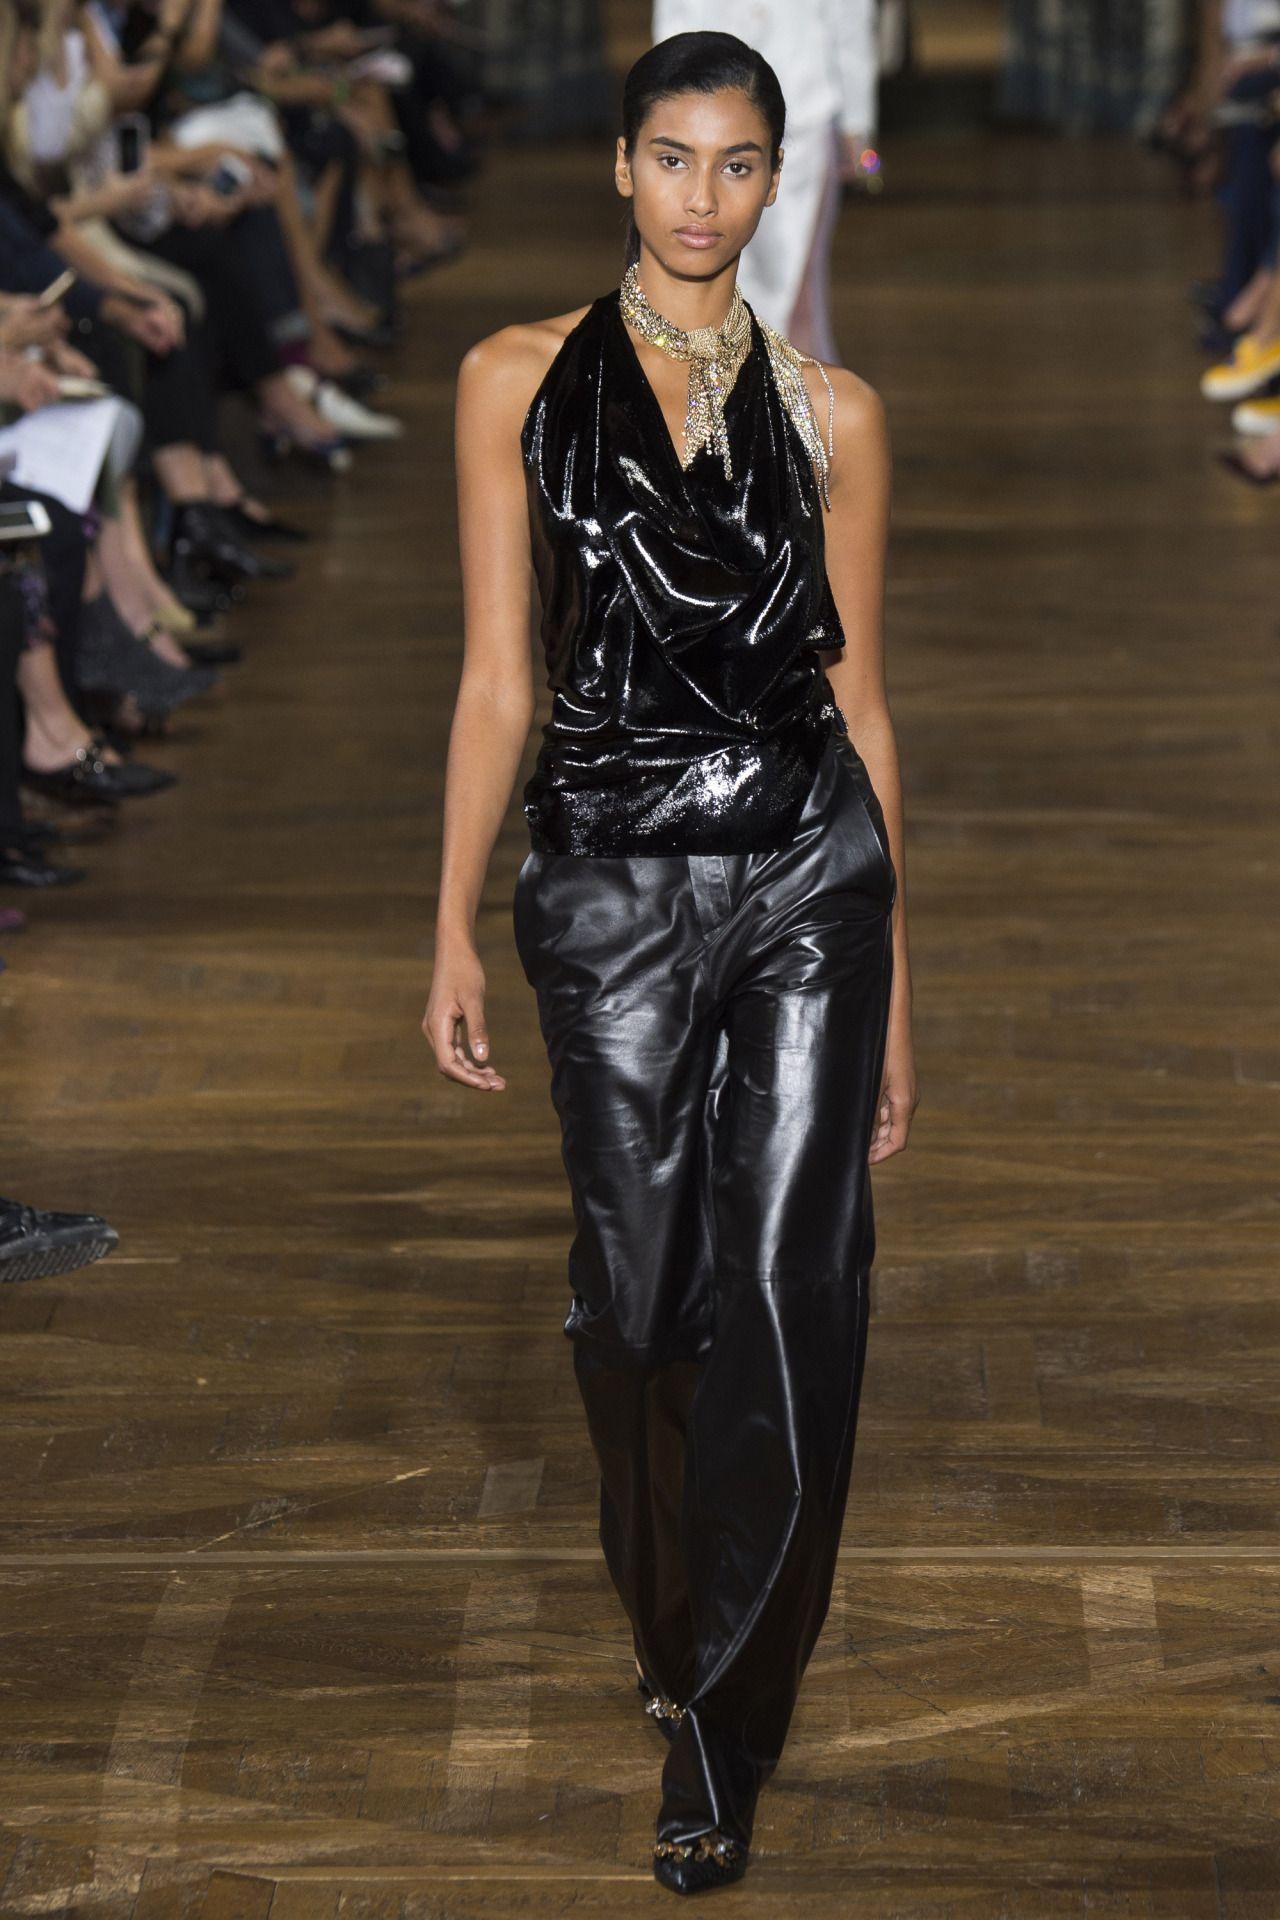 Lanvin | Paris Fashion Week | Spring 2017 Model: Imaan Hammam